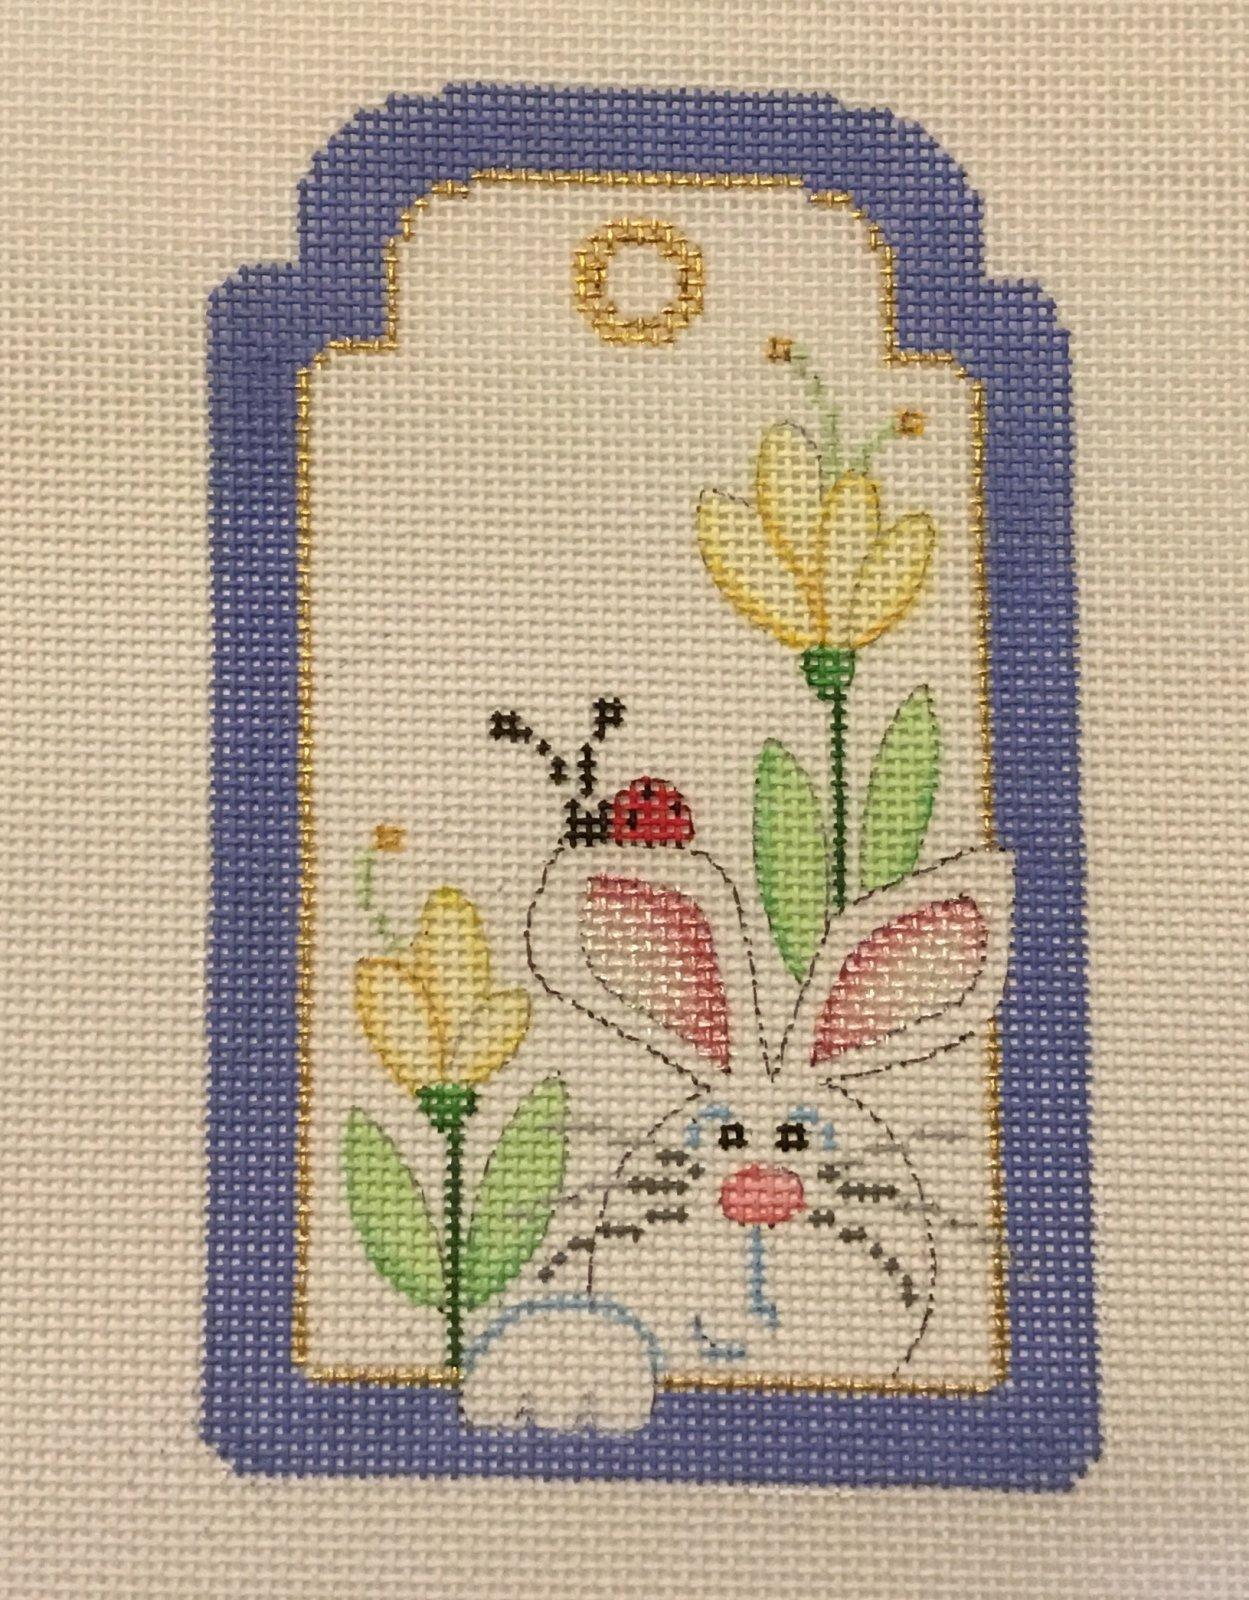 Bunny with Ladybug Tag,18 ct.,3 1/2x5 1/4